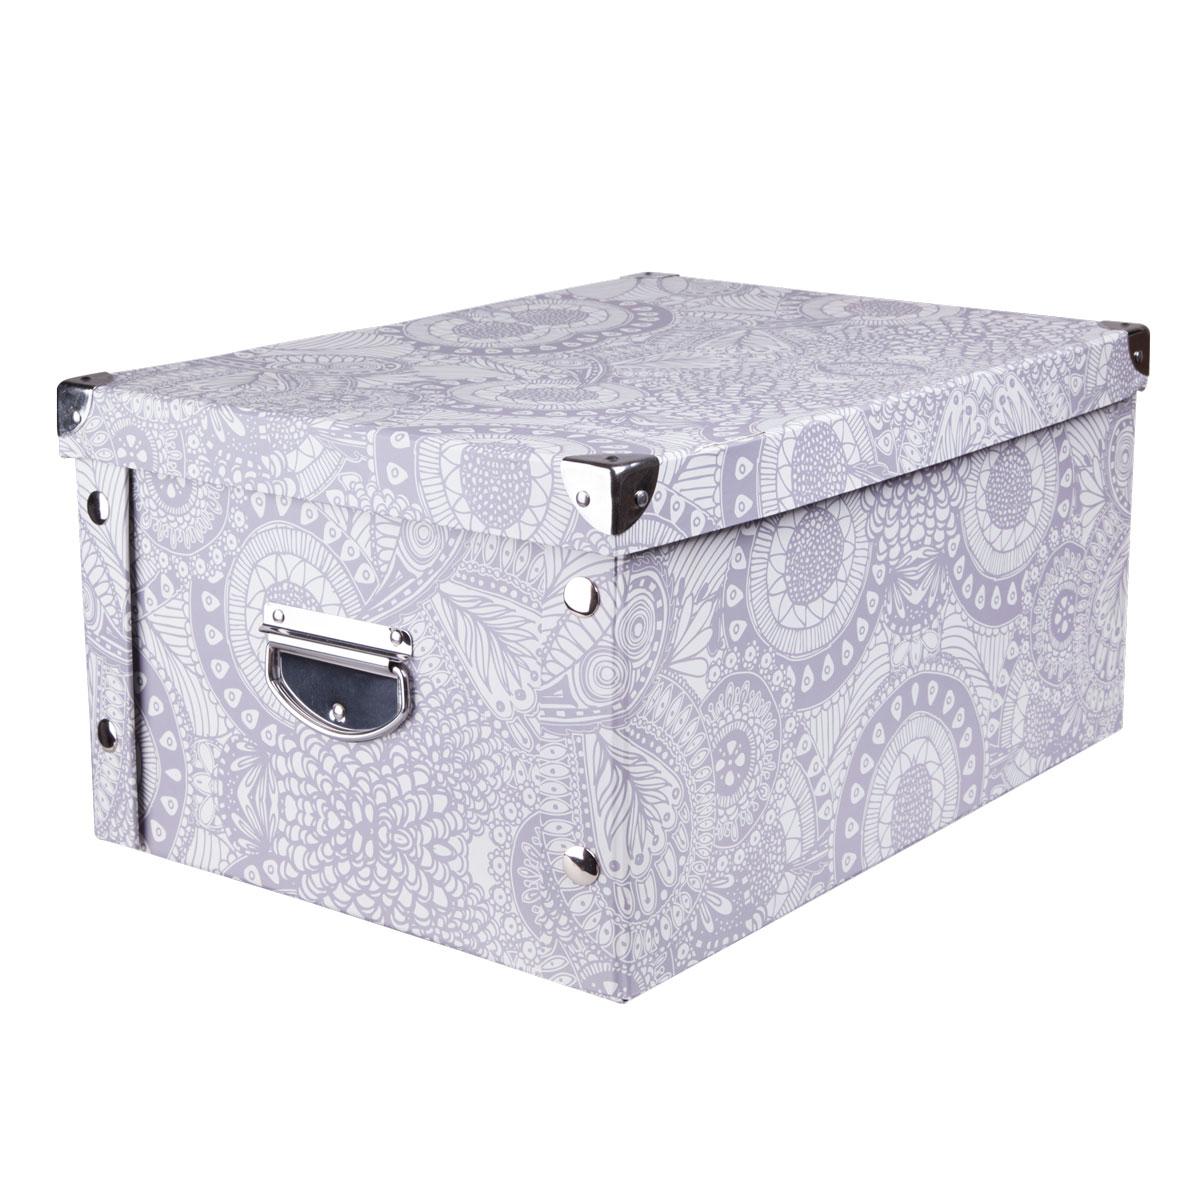 Коробка для хранения Miolla, 40 х 30 х 20 см. CFB-03CFB-03Коробка для хранения Miolla прекрасно подойдет для хранения бытовых мелочей, документов, аксессуаров для рукоделия и других мелких предметов. Коробка поставляется в разобранном виде, легко и быстро складывается. Плотная крышка и удобные для переноски металлические ручки станут приятным дополнением к функциональным достоинствам коробки. Удобная крышка не даст ни одной вещи потеряться, а оптимальный размер подойдет для любого шкафа или полки. Компактная, но при этом вместительная коробка для хранения станет яркой нотой в вашем интерьере.